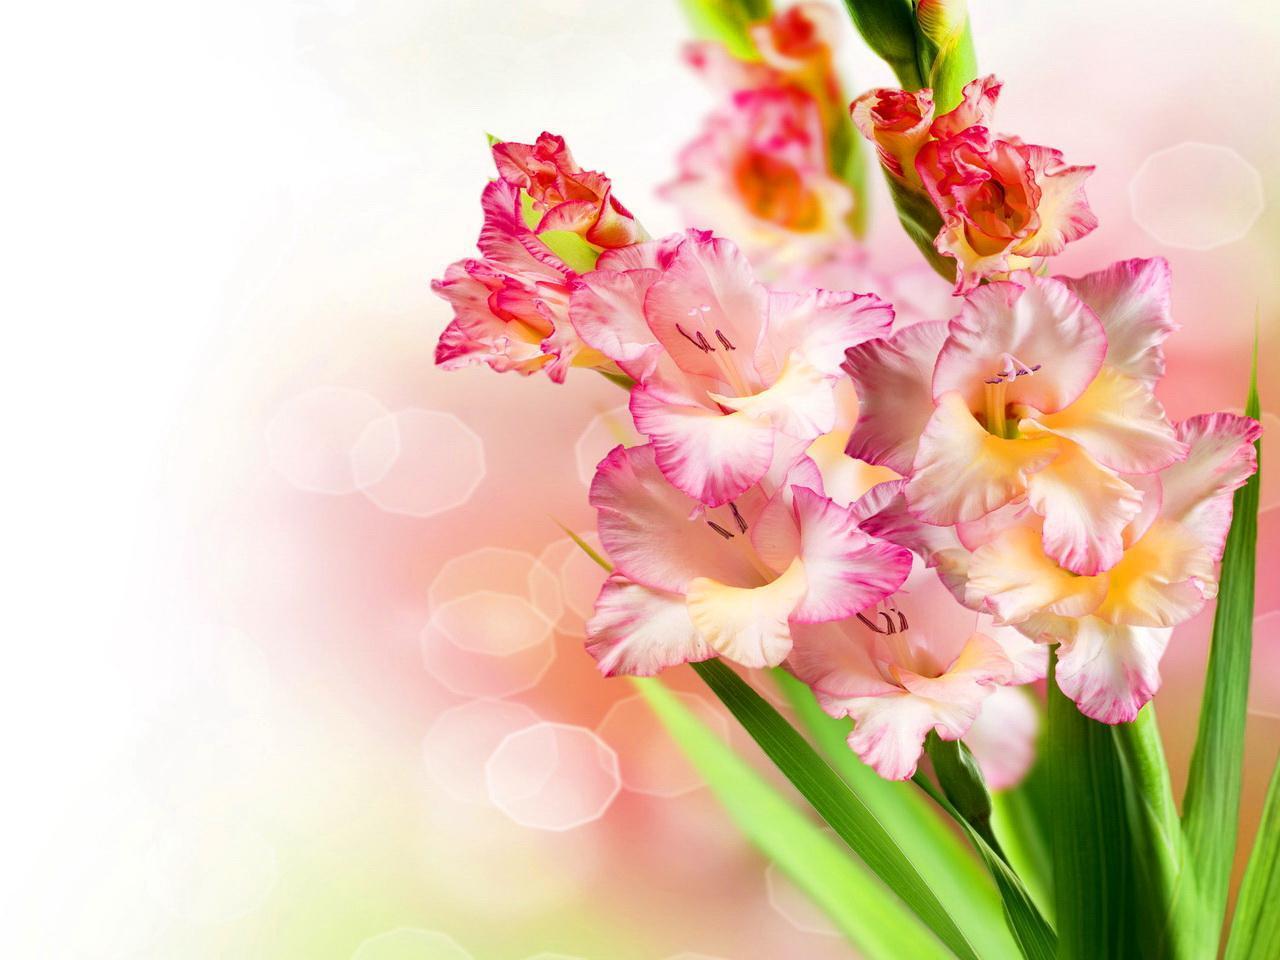 hình nền hoa lay ơn